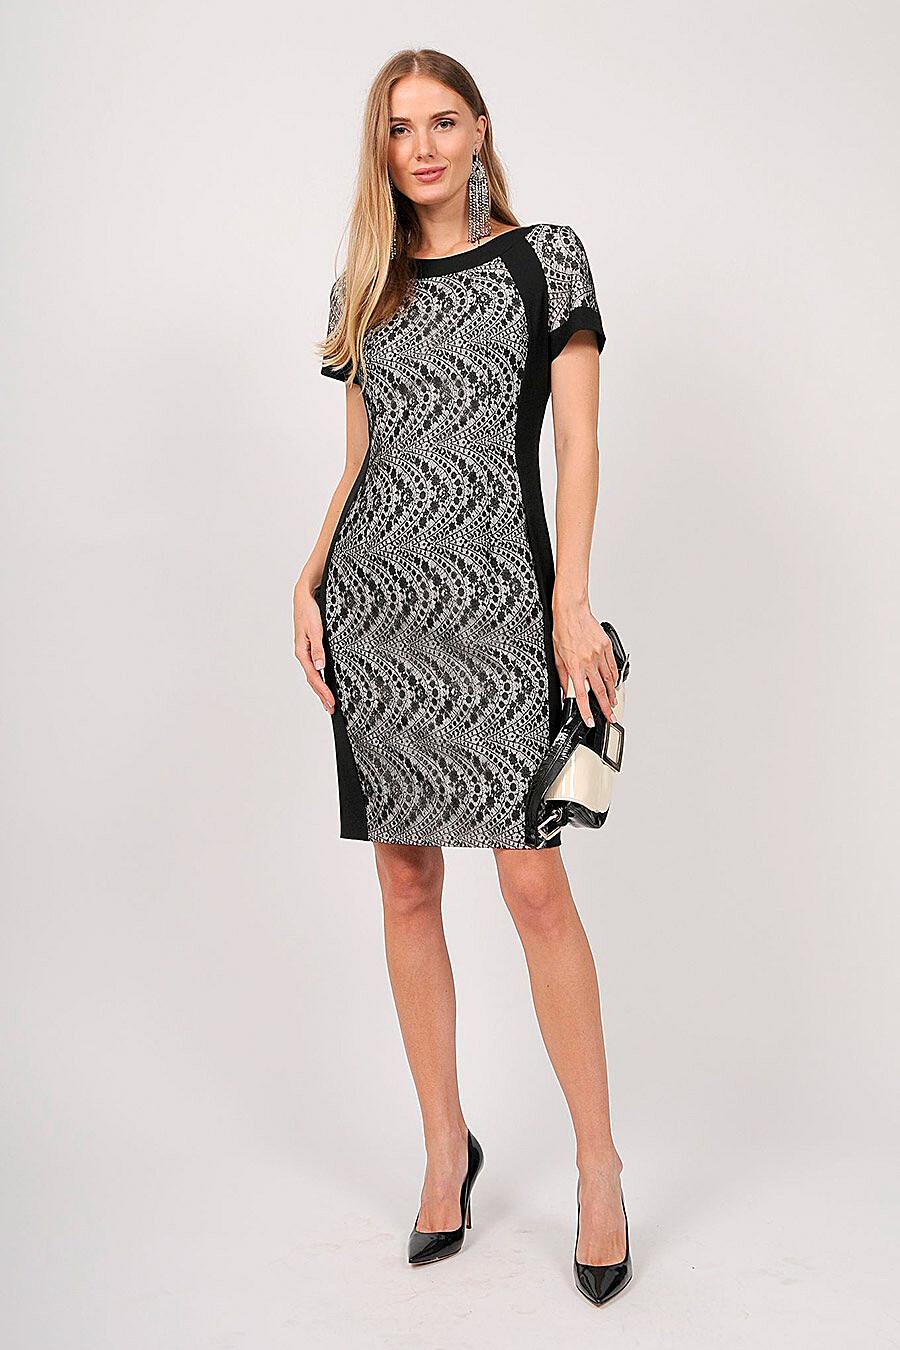 Платье для женщин VEMINA 708171 купить оптом от производителя. Совместная покупка женской одежды в OptMoyo